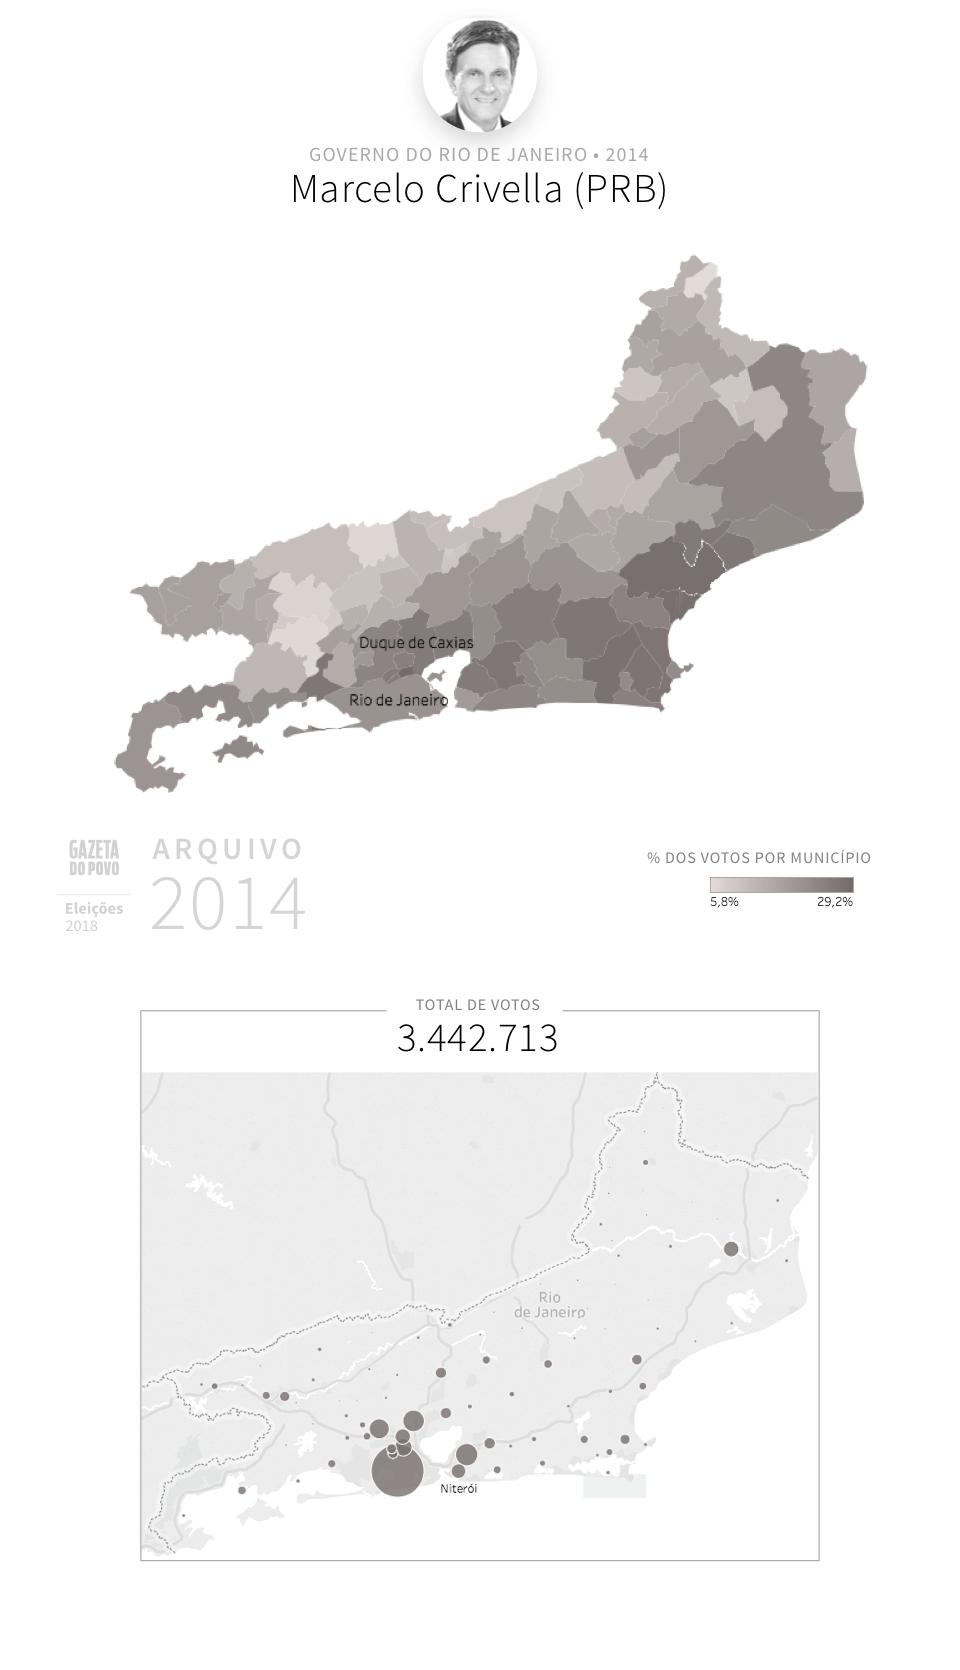 Desempenho do PRB no Rio de Janeiro em 2014, na eleição para governador do Rio de Janeiro. Em % do total de votos em cada município.